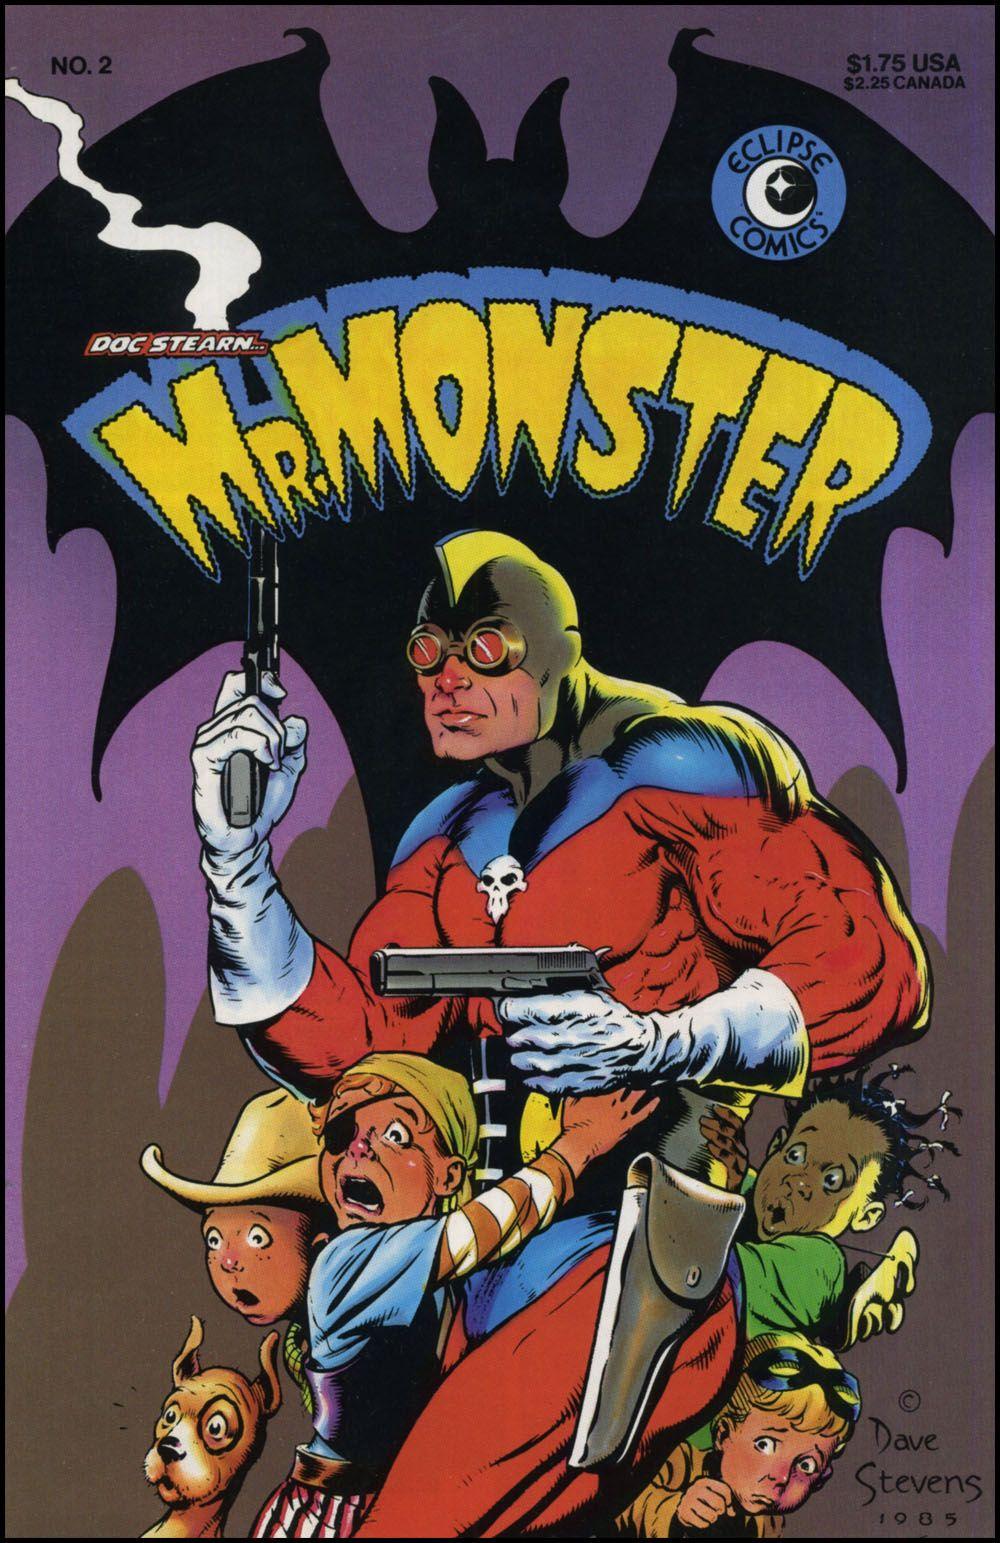 Mr. Monster - By Dave Stevens